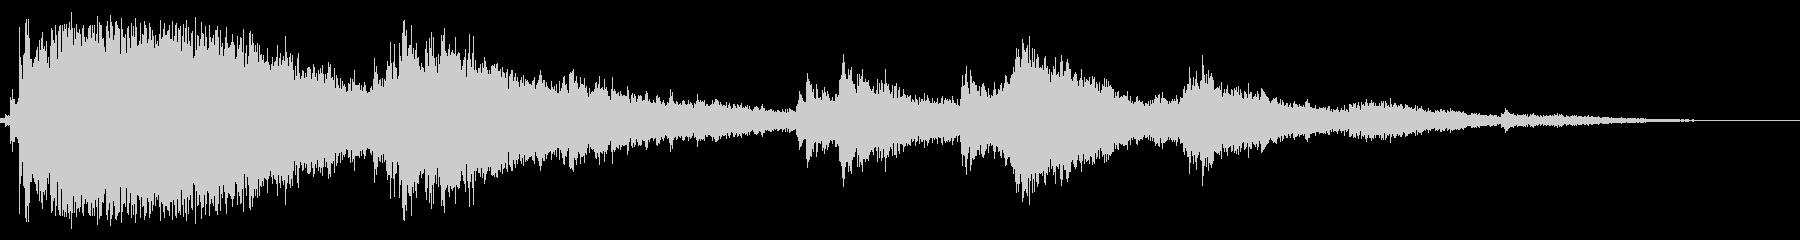 ウインドチャイム4の未再生の波形